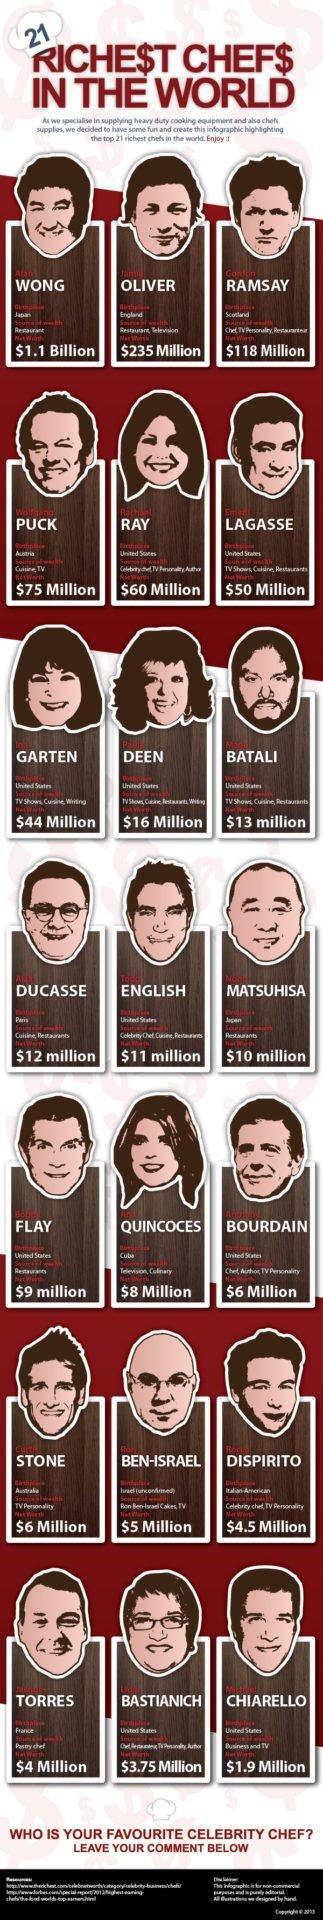 Los chefs más ricos del mundo